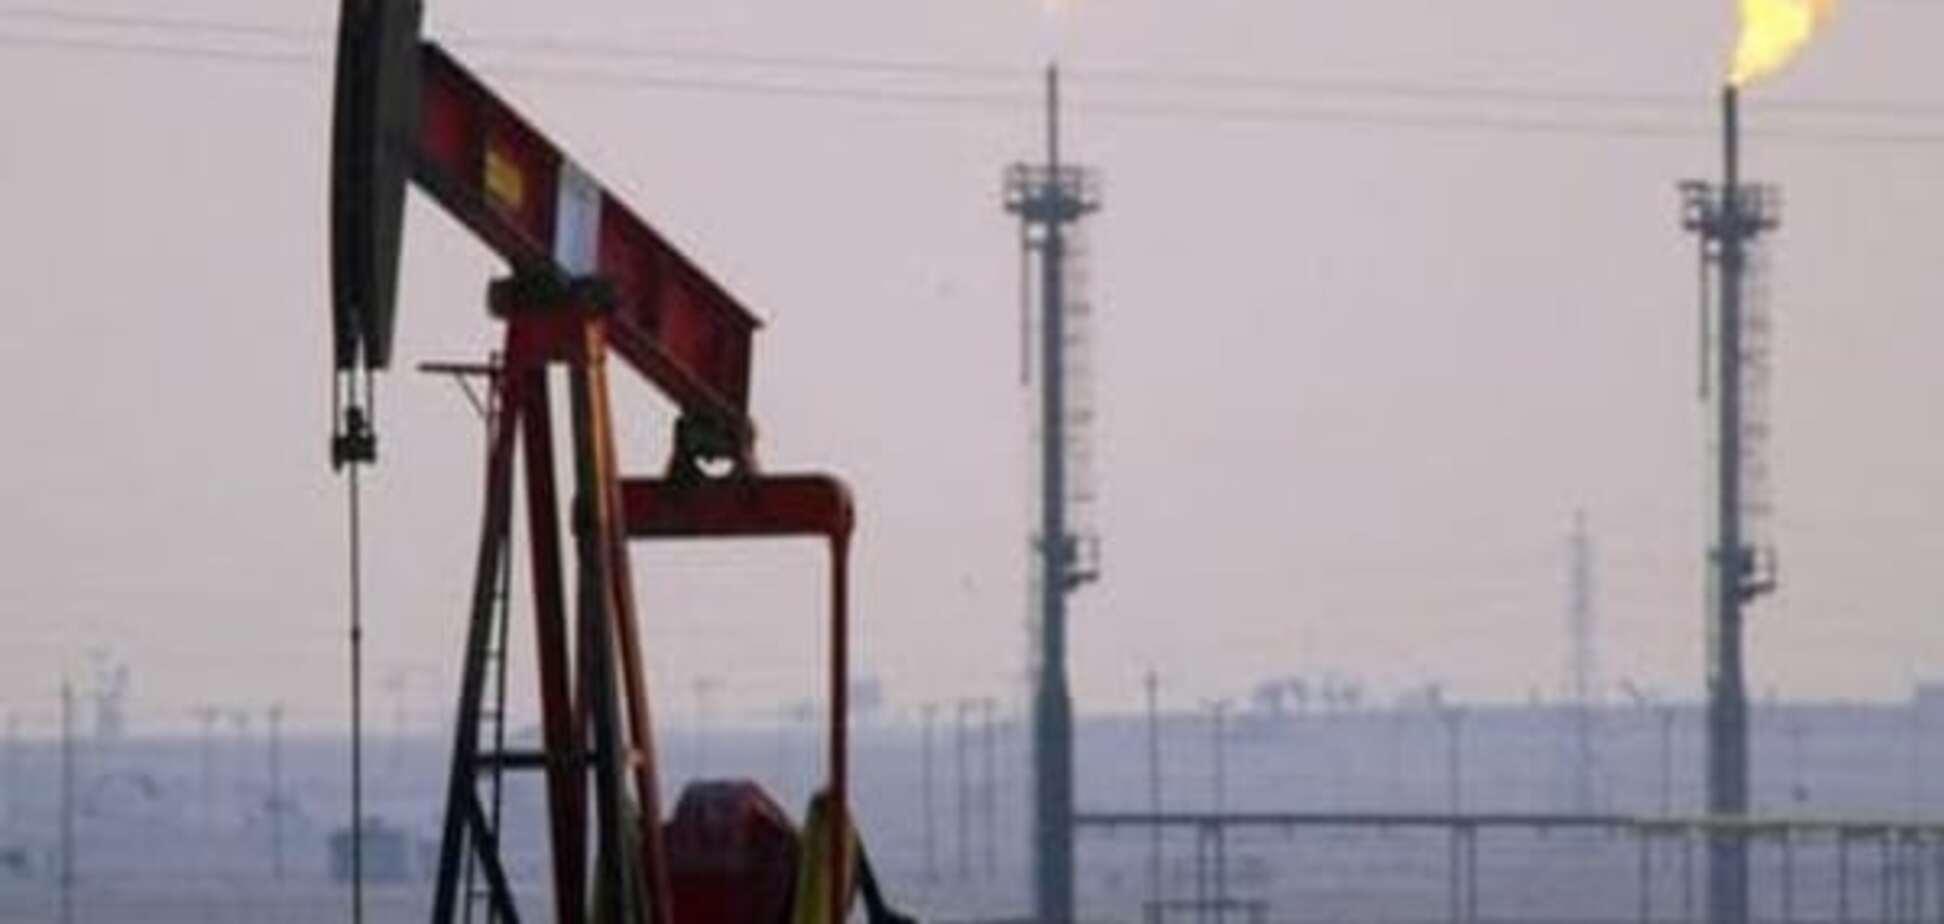 Країни ОПЕК залишили видобуток нафти на незмінному рівні попри низьці ціни